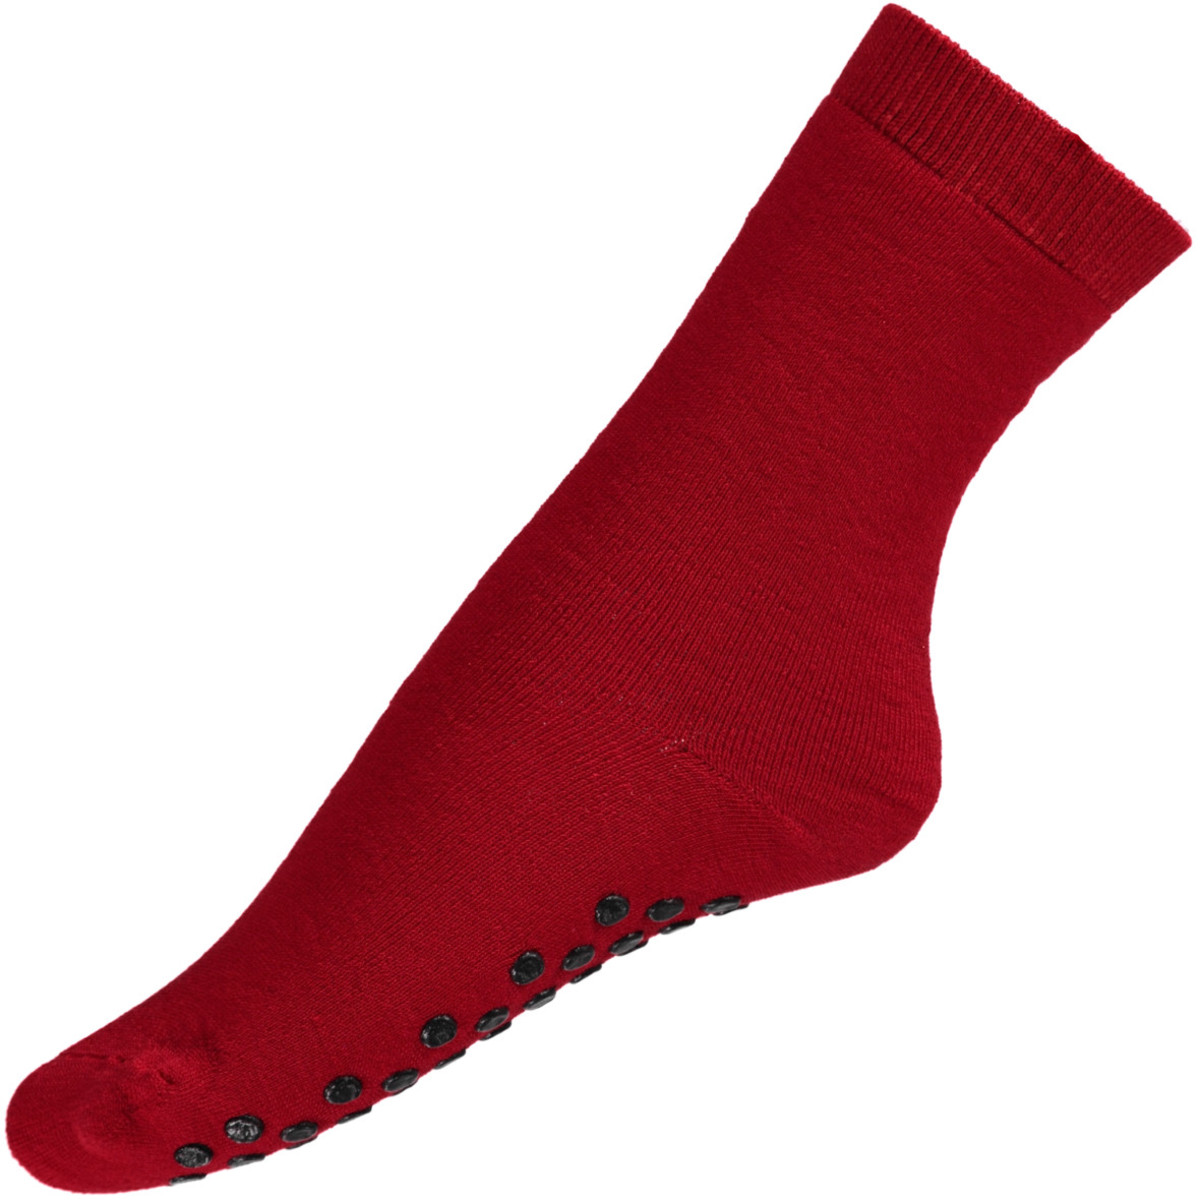 Bild 2 von Damen Socken mit Anti-Rutsch-Noppen im 3er Pack